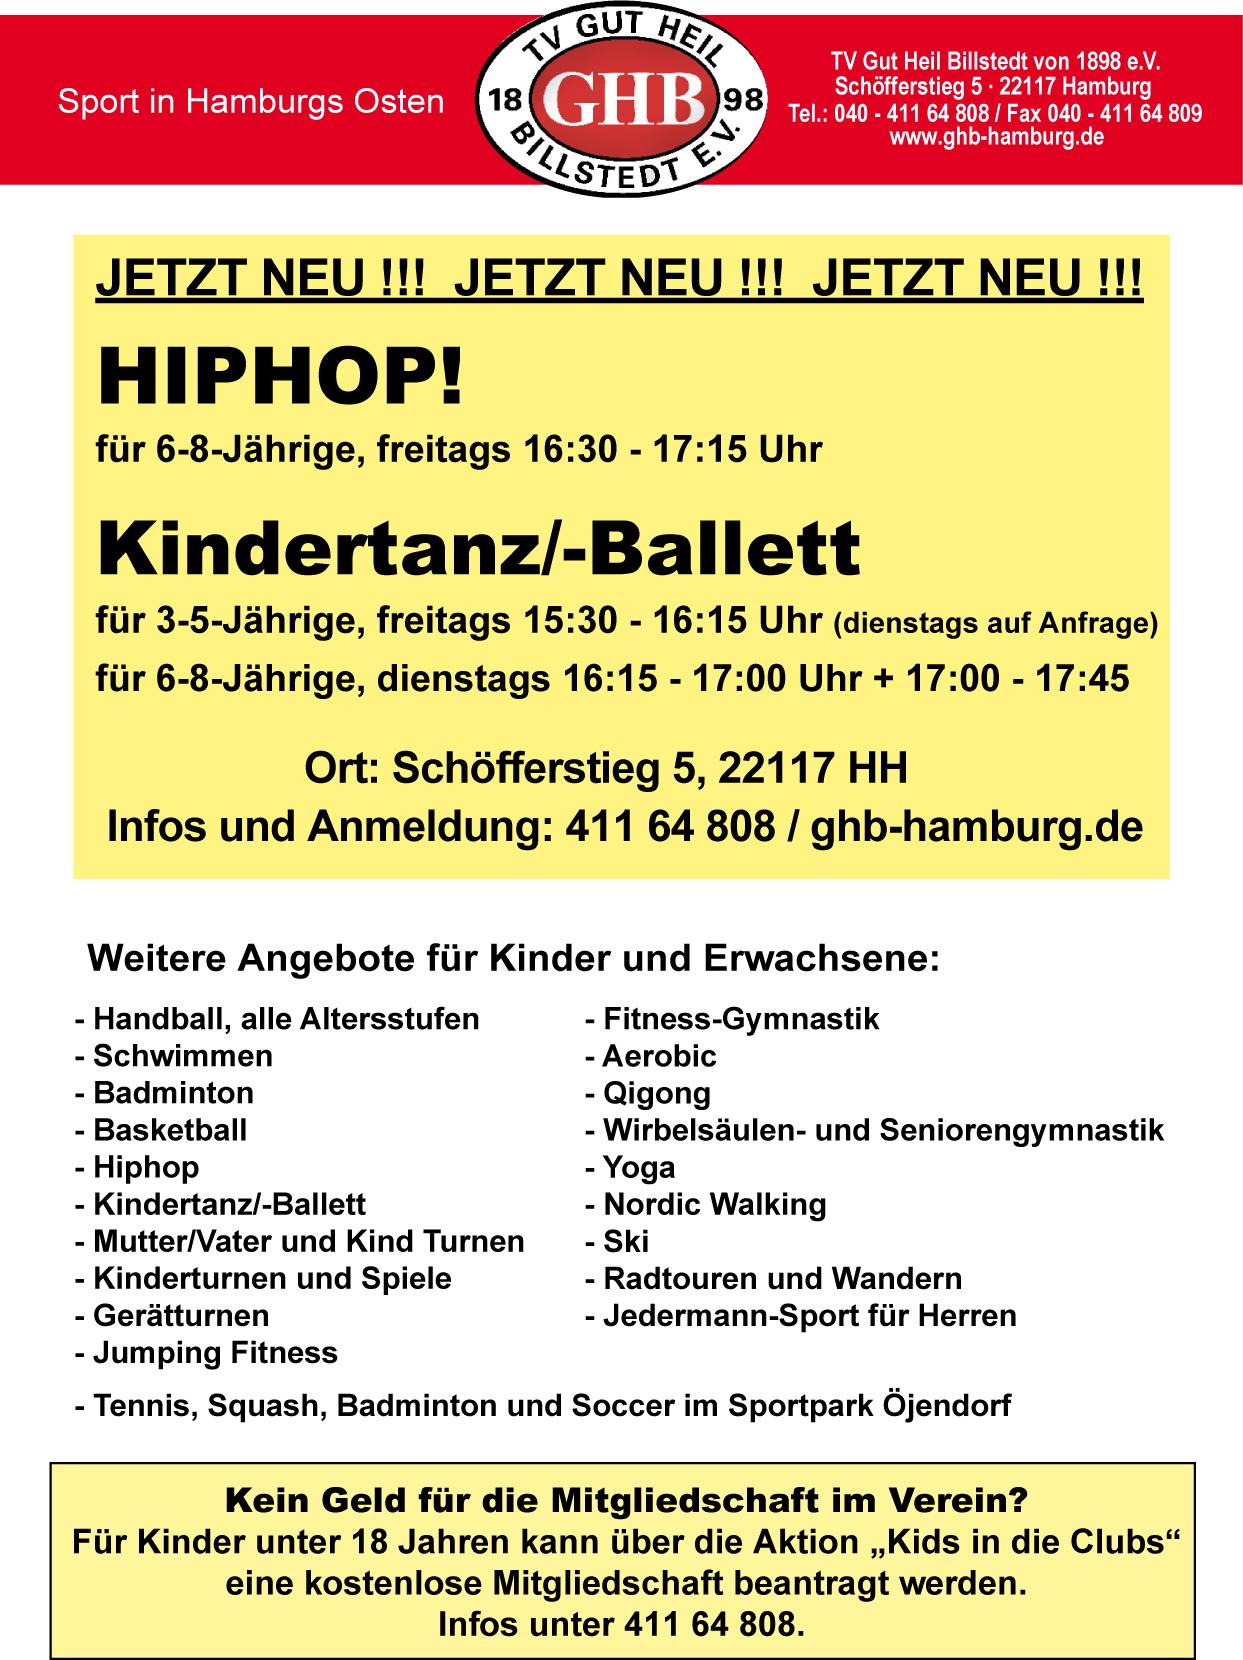 Tv Gut Heil Billstedt